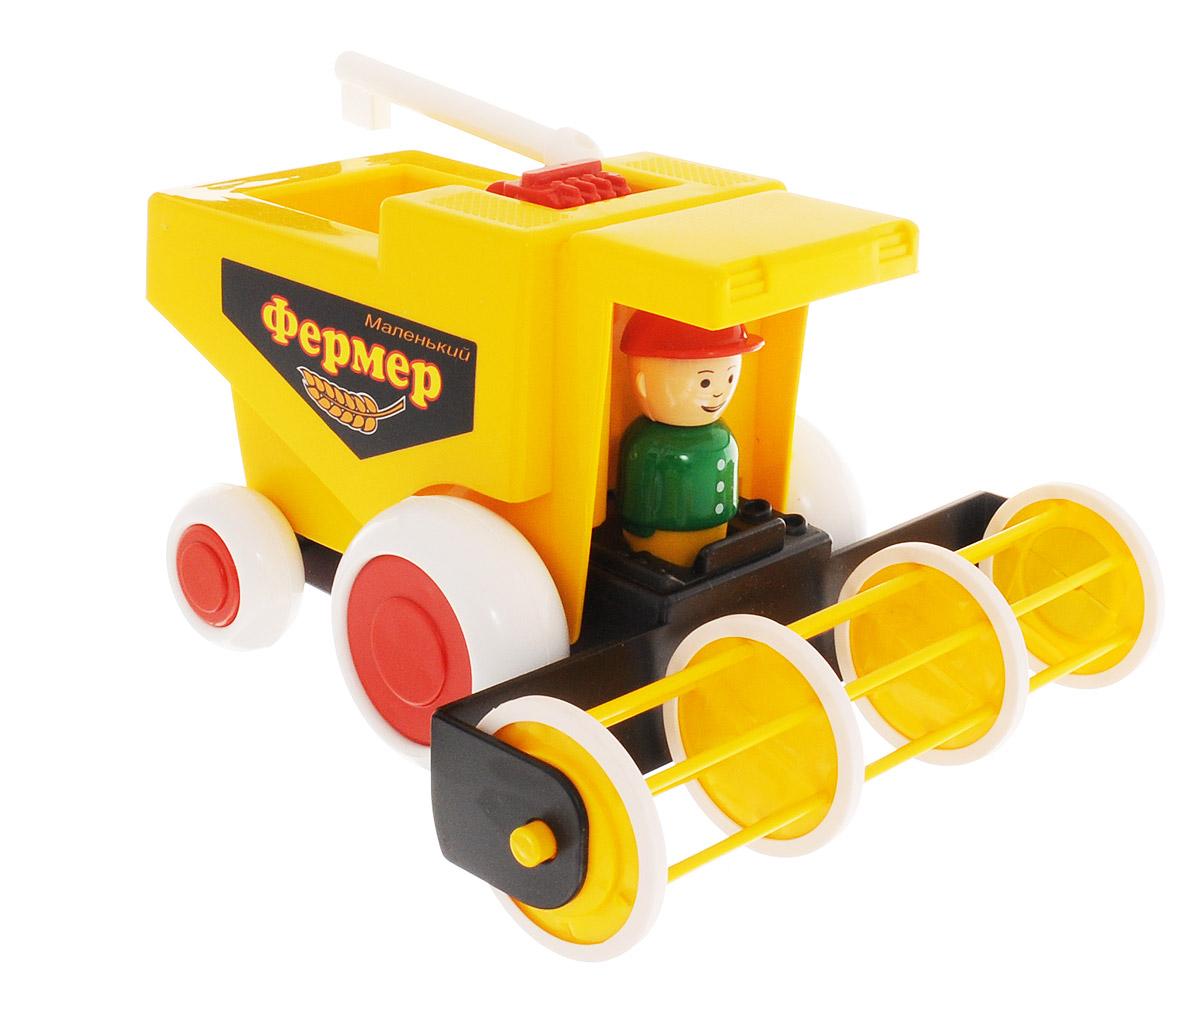 Форма Комбайн Маленький фермерС-86-ФКомбайн Маленький фермер от компании Форма - это замечательная игрушка для маленьких любителей машинок. Игрушка представляет собой комбайн с вращающимся барабаном-мотовилом. Плотные прорезиненные колеса комбайна обеспечивают хорошее сцепление с любой, даже гладкой поверхностью. Зерновой шнек поворачивается. В кабине находится фигурка комбайнера, которую можно вынуть и играть с ней отдельно. Машинка подойдет для сюжетно-ролевой игры. Такой машинкой можно играть как дома, так и на улице.